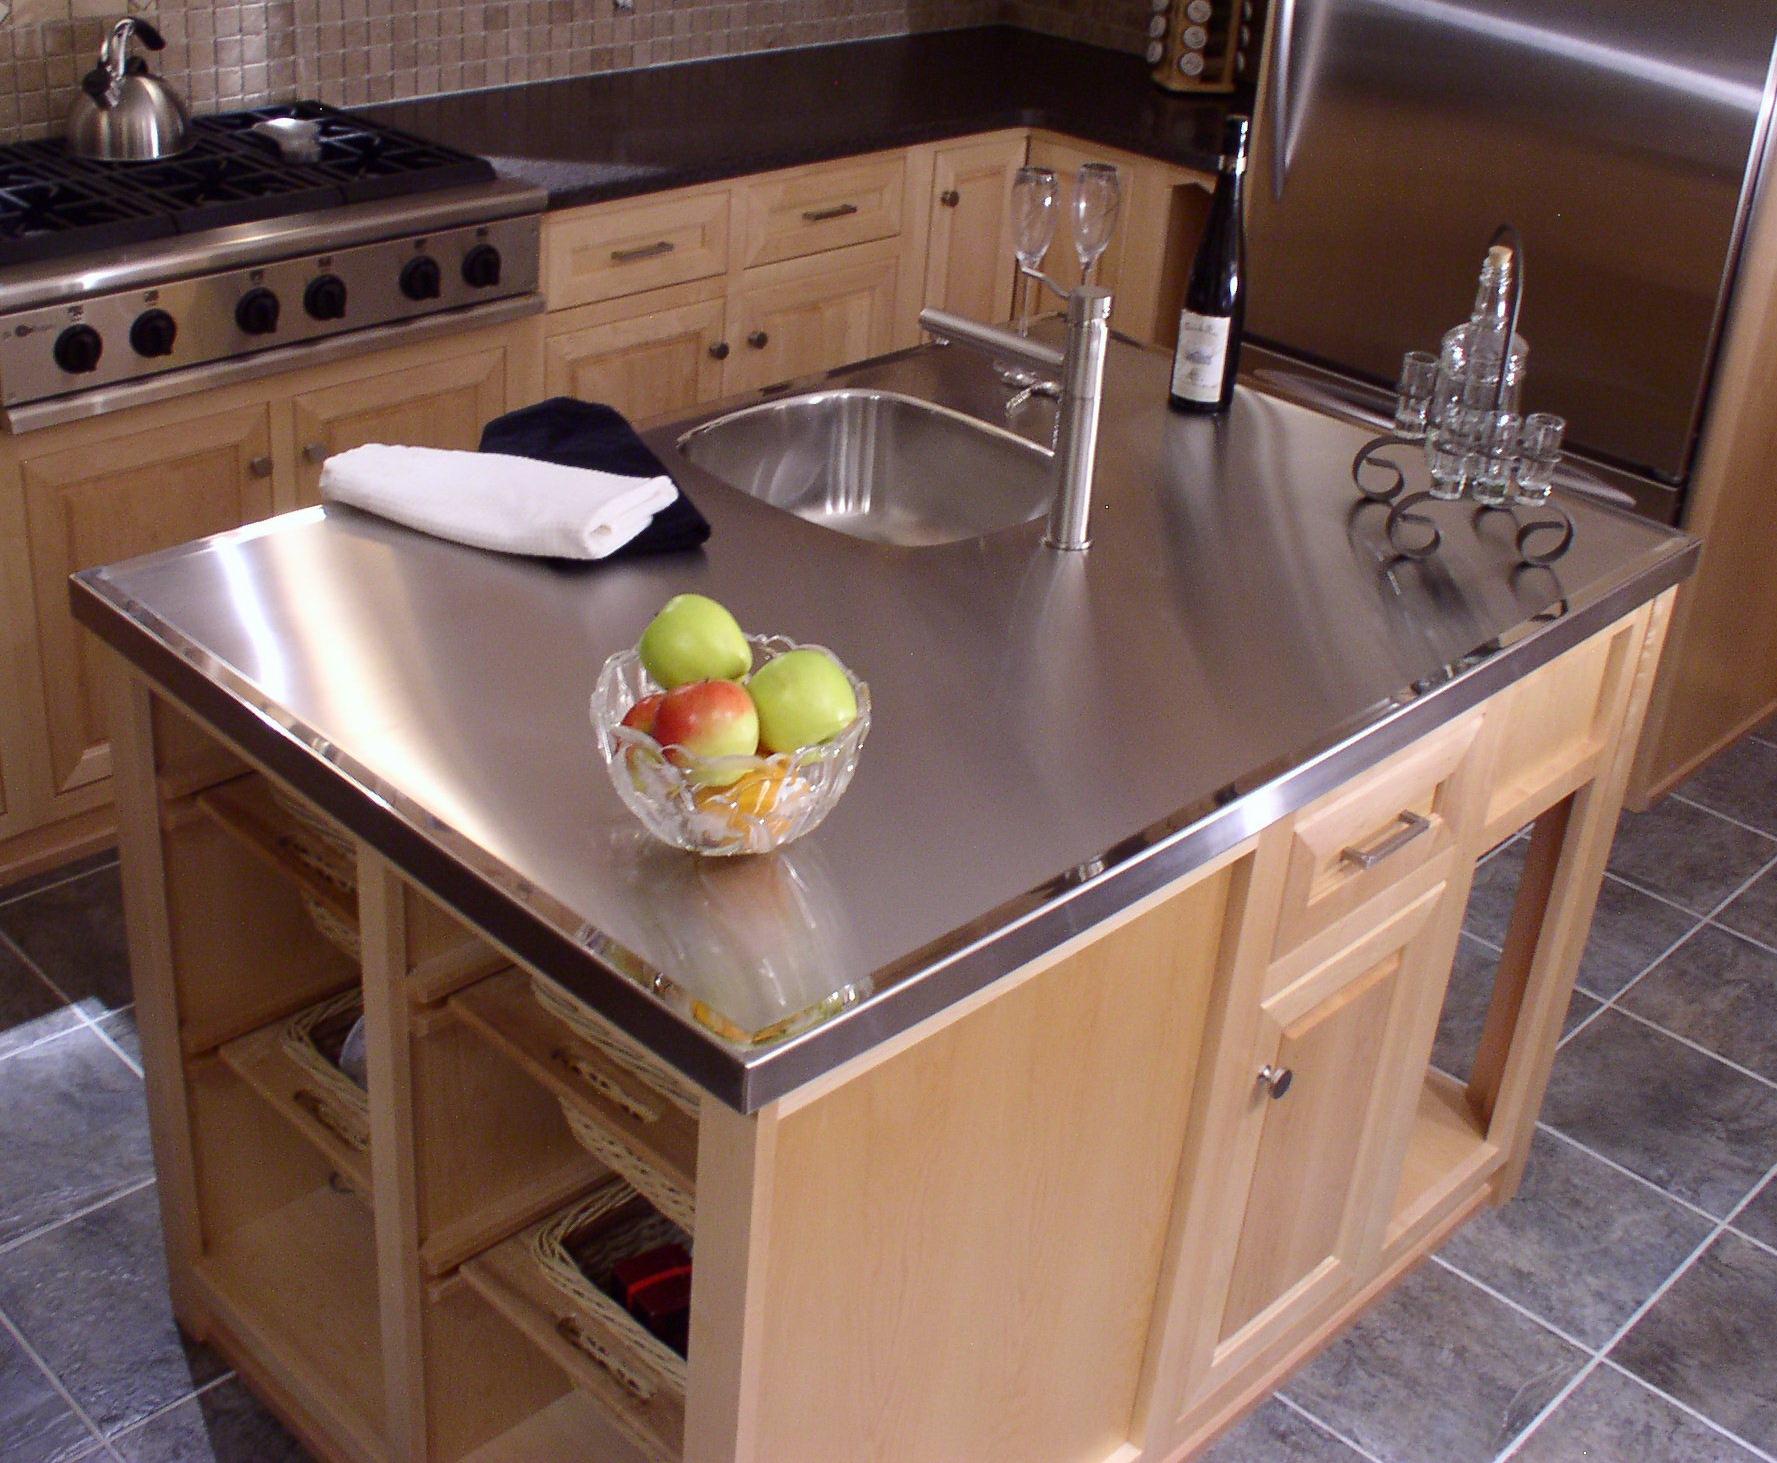 Materiales aptos para encimeras de cocina sus ventajas y - Encimeras de cocina materiales ...